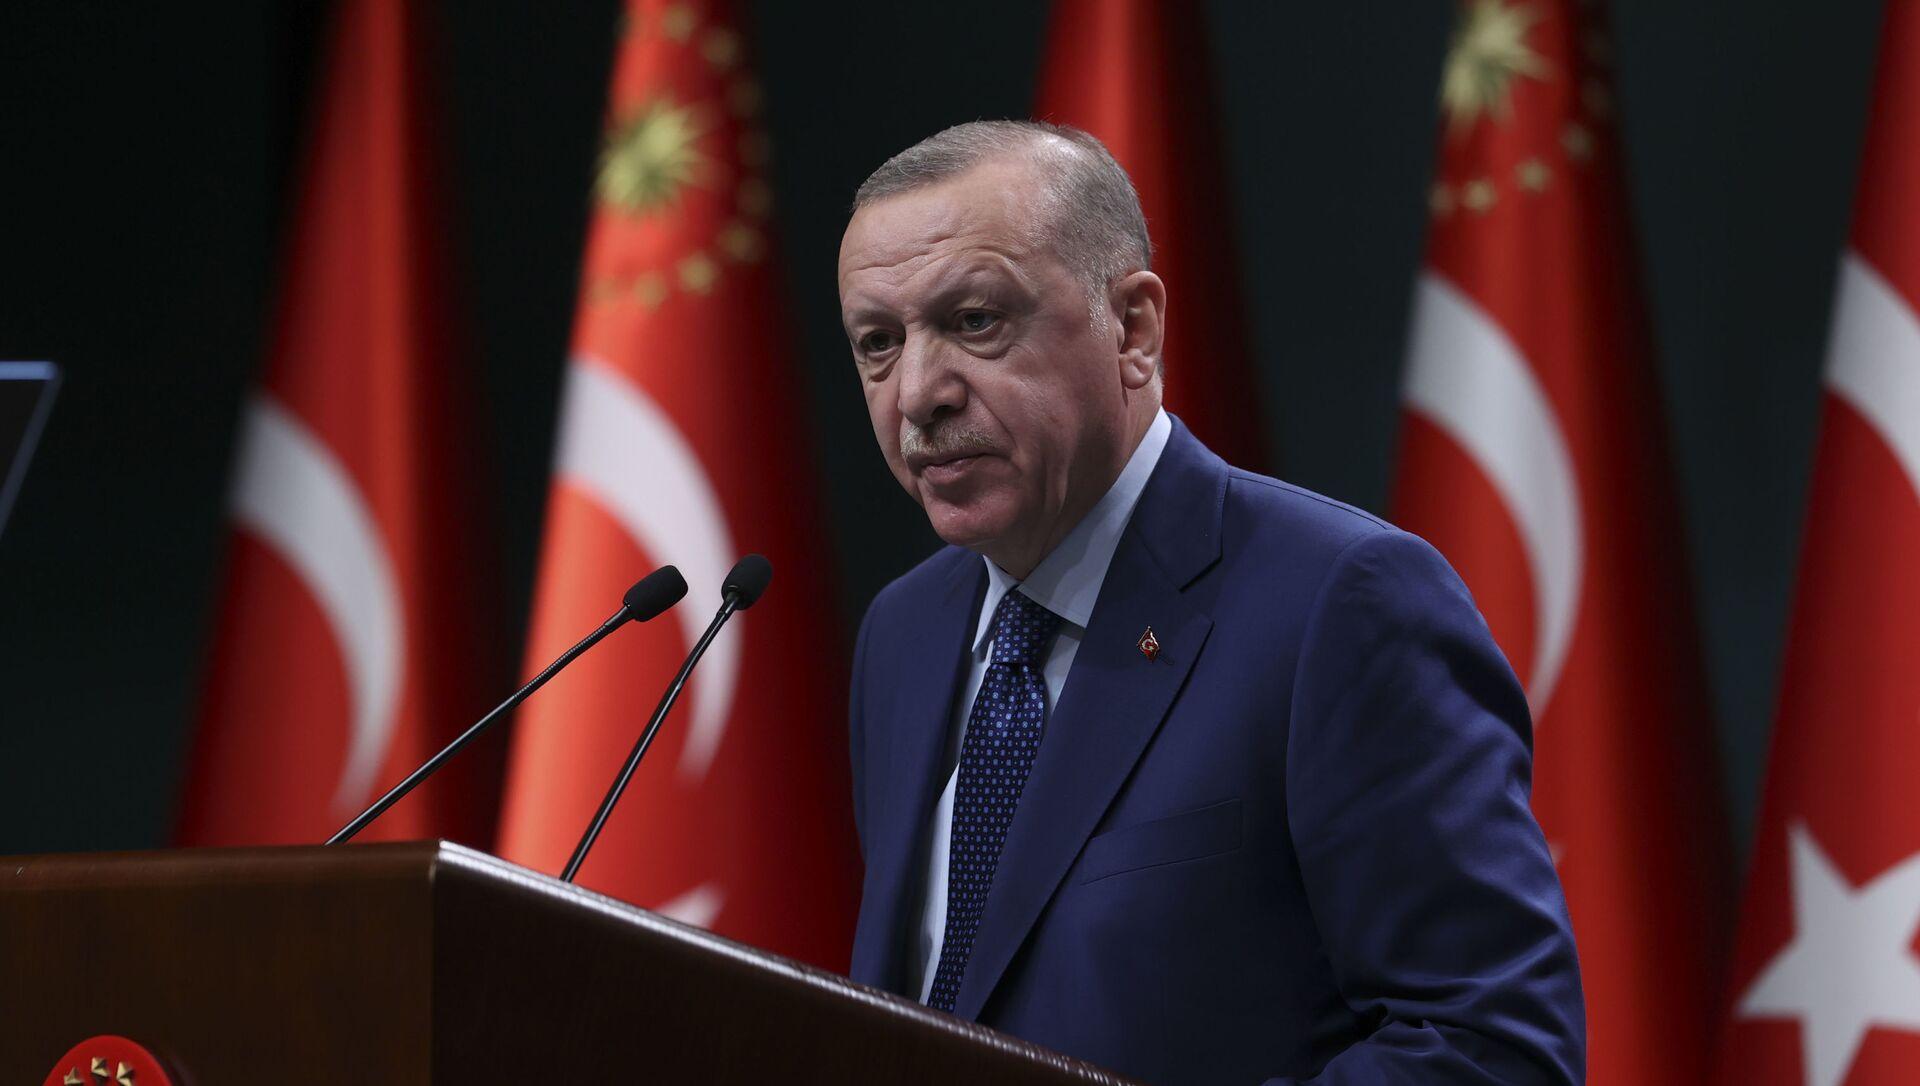 Cumhurbaşkanı Recep Tayyip Erdoğan, kabine toplantısı sonrası yeni koronavirüs kararlarını açıkladı - Sputnik Türkiye, 1920, 21.04.2021